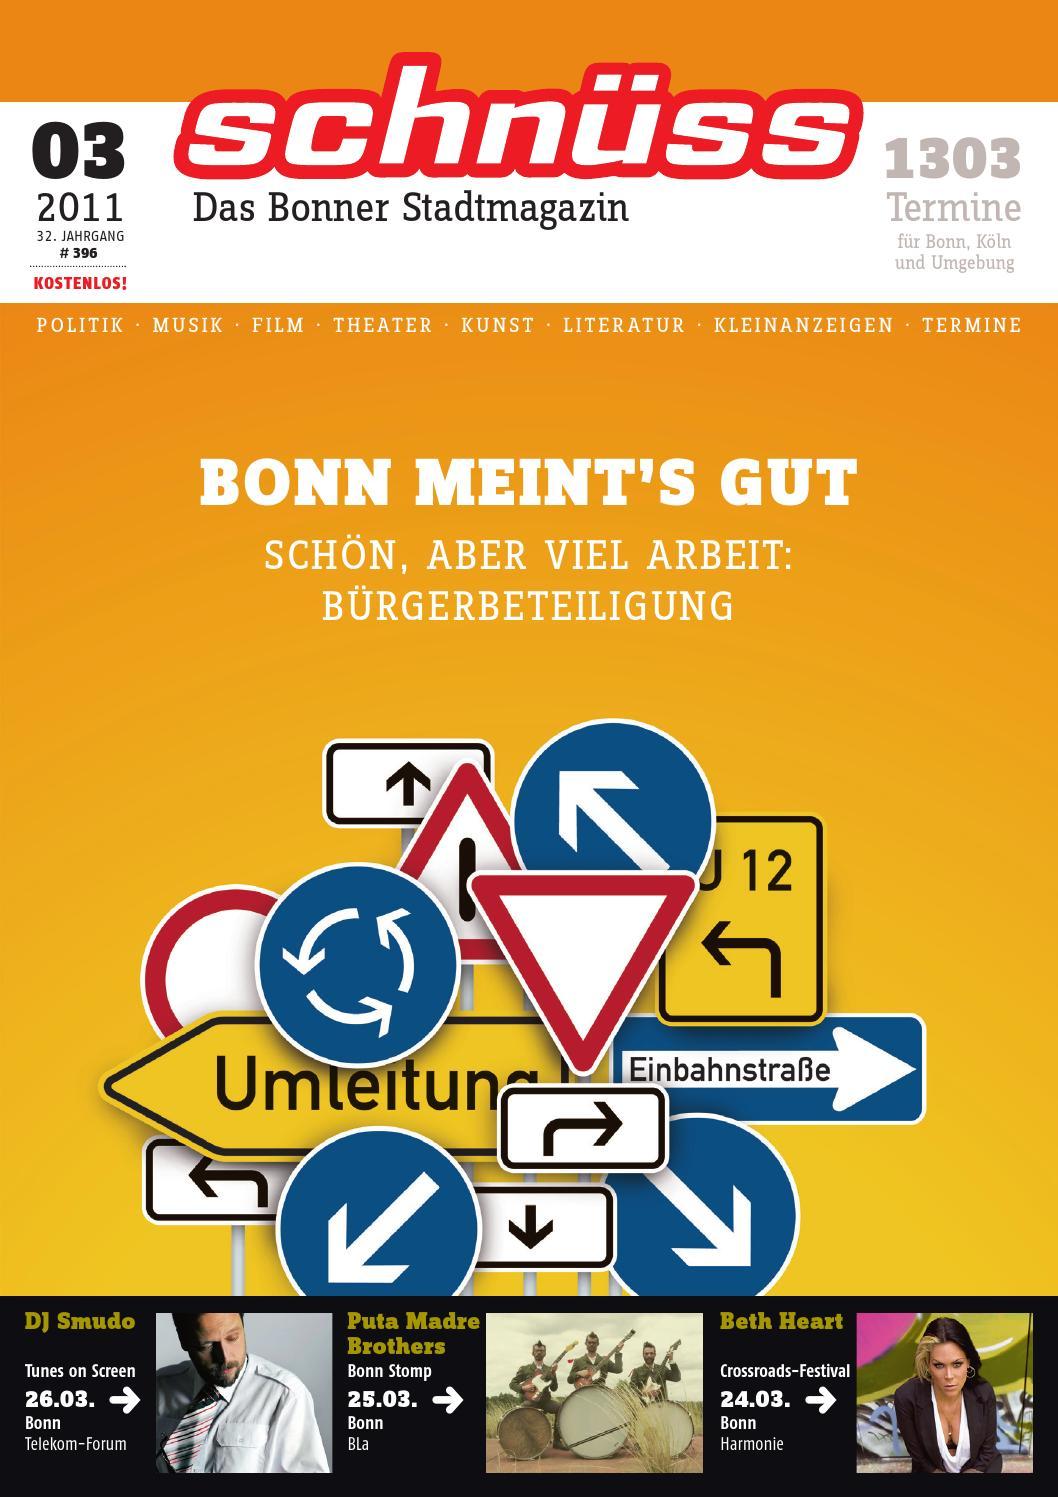 Schnüss 2011 03 By Schnüss Das Bonner Stadtmagazin Issuu